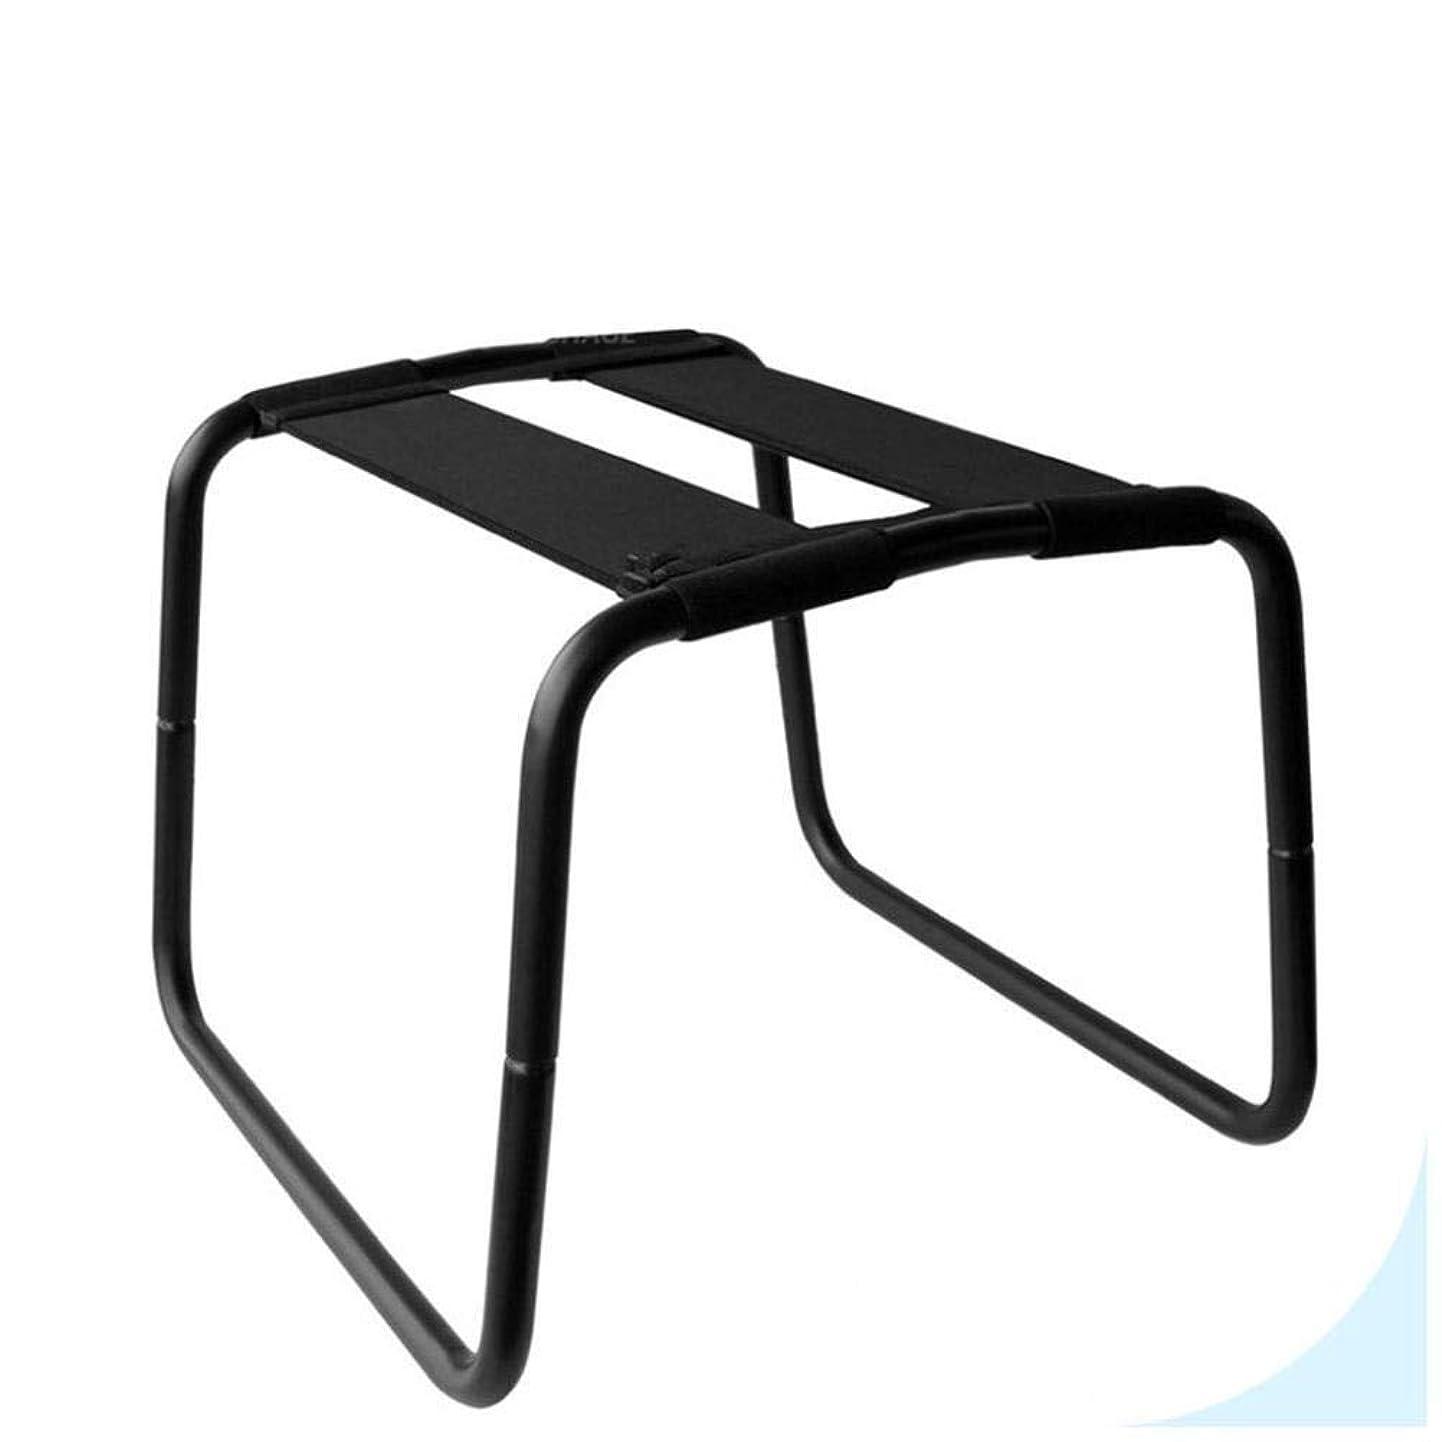 シロクマ部分多機能椅子大人のおもちゃ、金属フレーム付き無重量の取り外し可能な弾性ビーチチェア-愛の位置支援-調整可能&簡単に最高のギフトを組み立てる